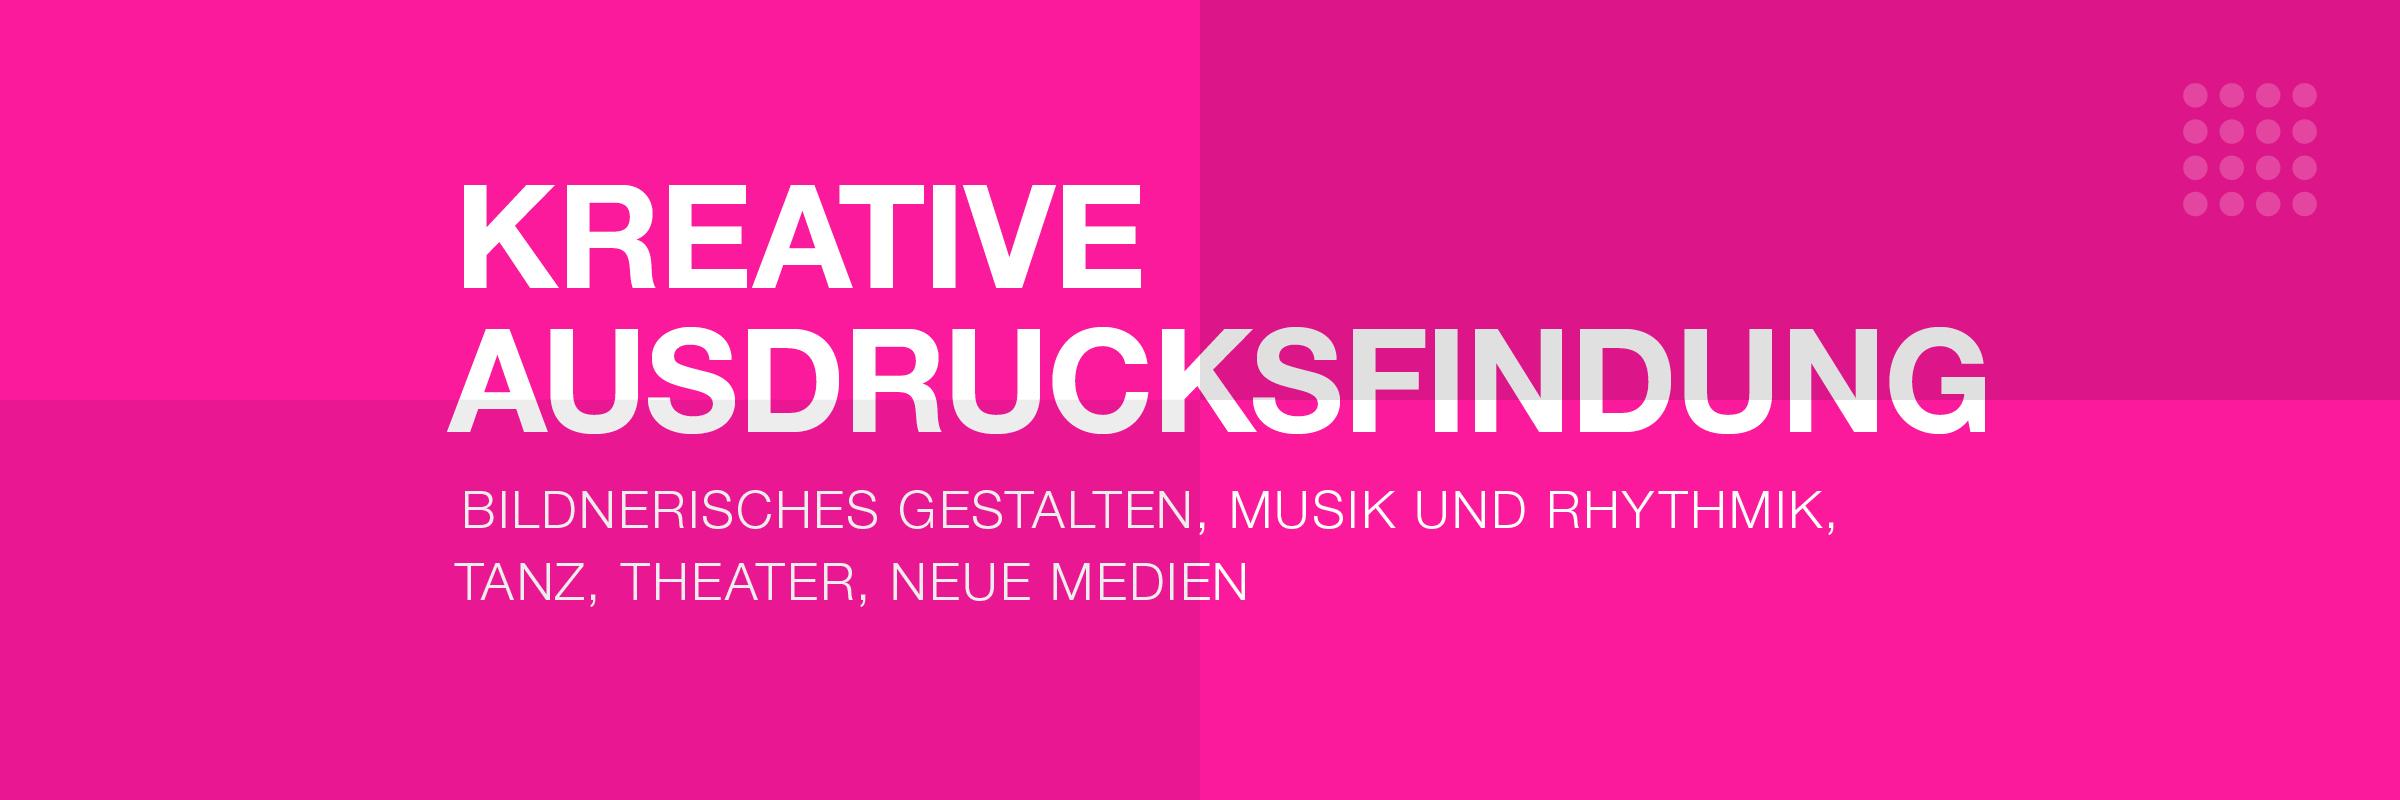 Kreative Ausdrucksfindung - Bildnerisches Gestalten, Musik und Rhythmik, Tanz, Theater, Neue Medien